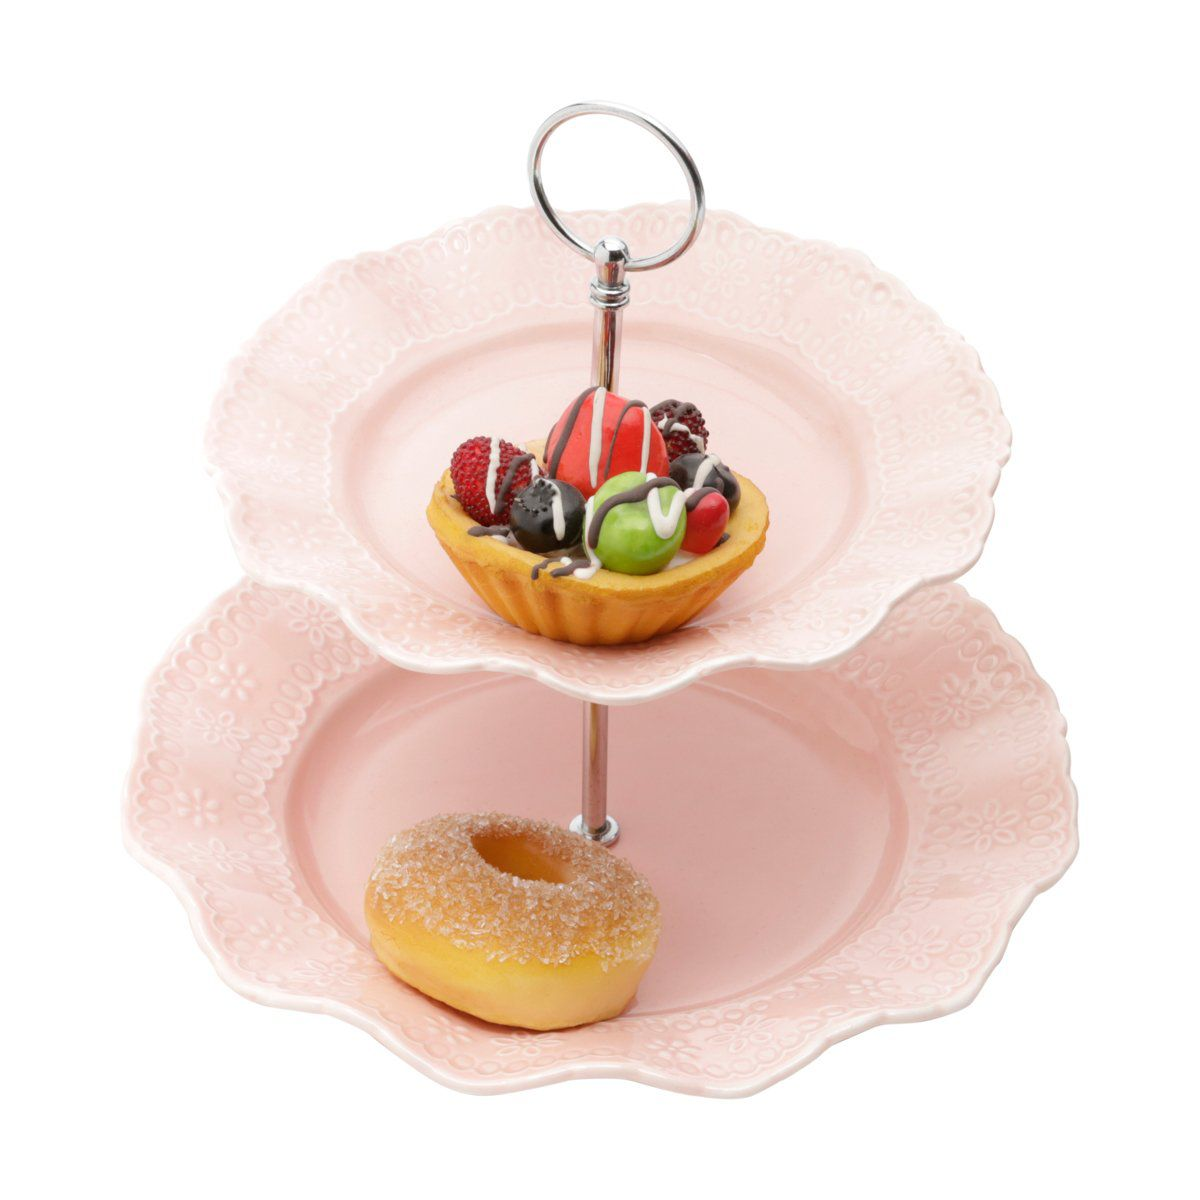 Prato duplo 23,5 cm para doces de porcelana rosa com suporte de metal Princess Lyor - L8239